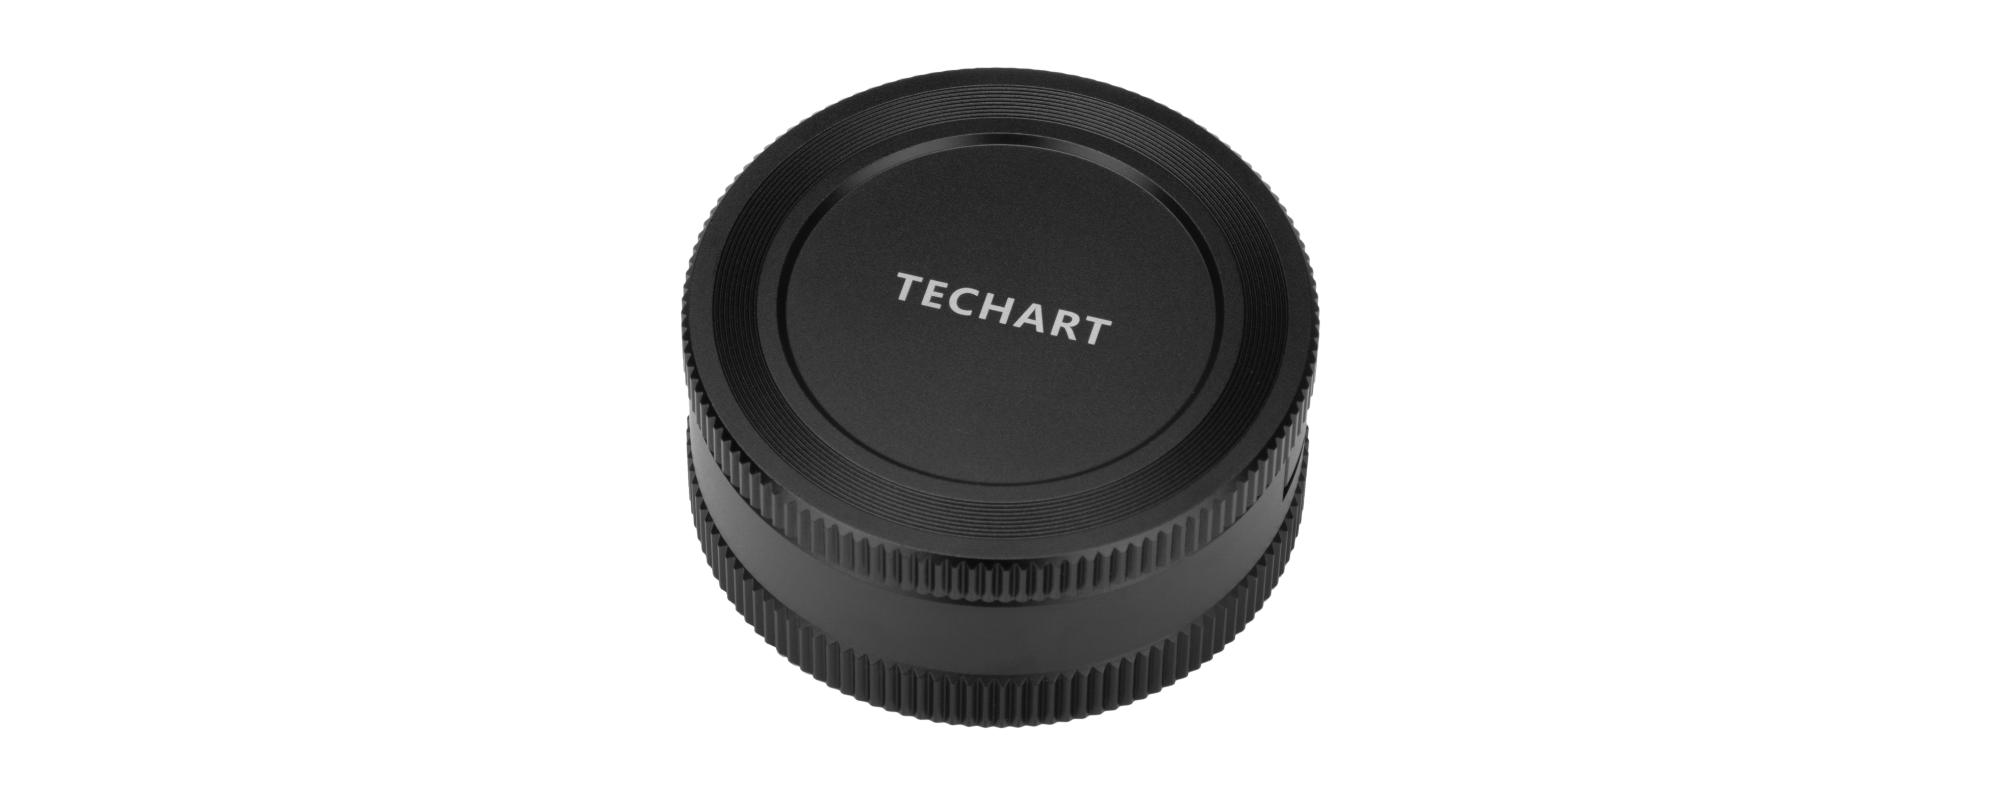 Dekielek do adaptera bagnetowego Techart EF-FG01 - Canon EF / Fujifilm G widziany pod kątem